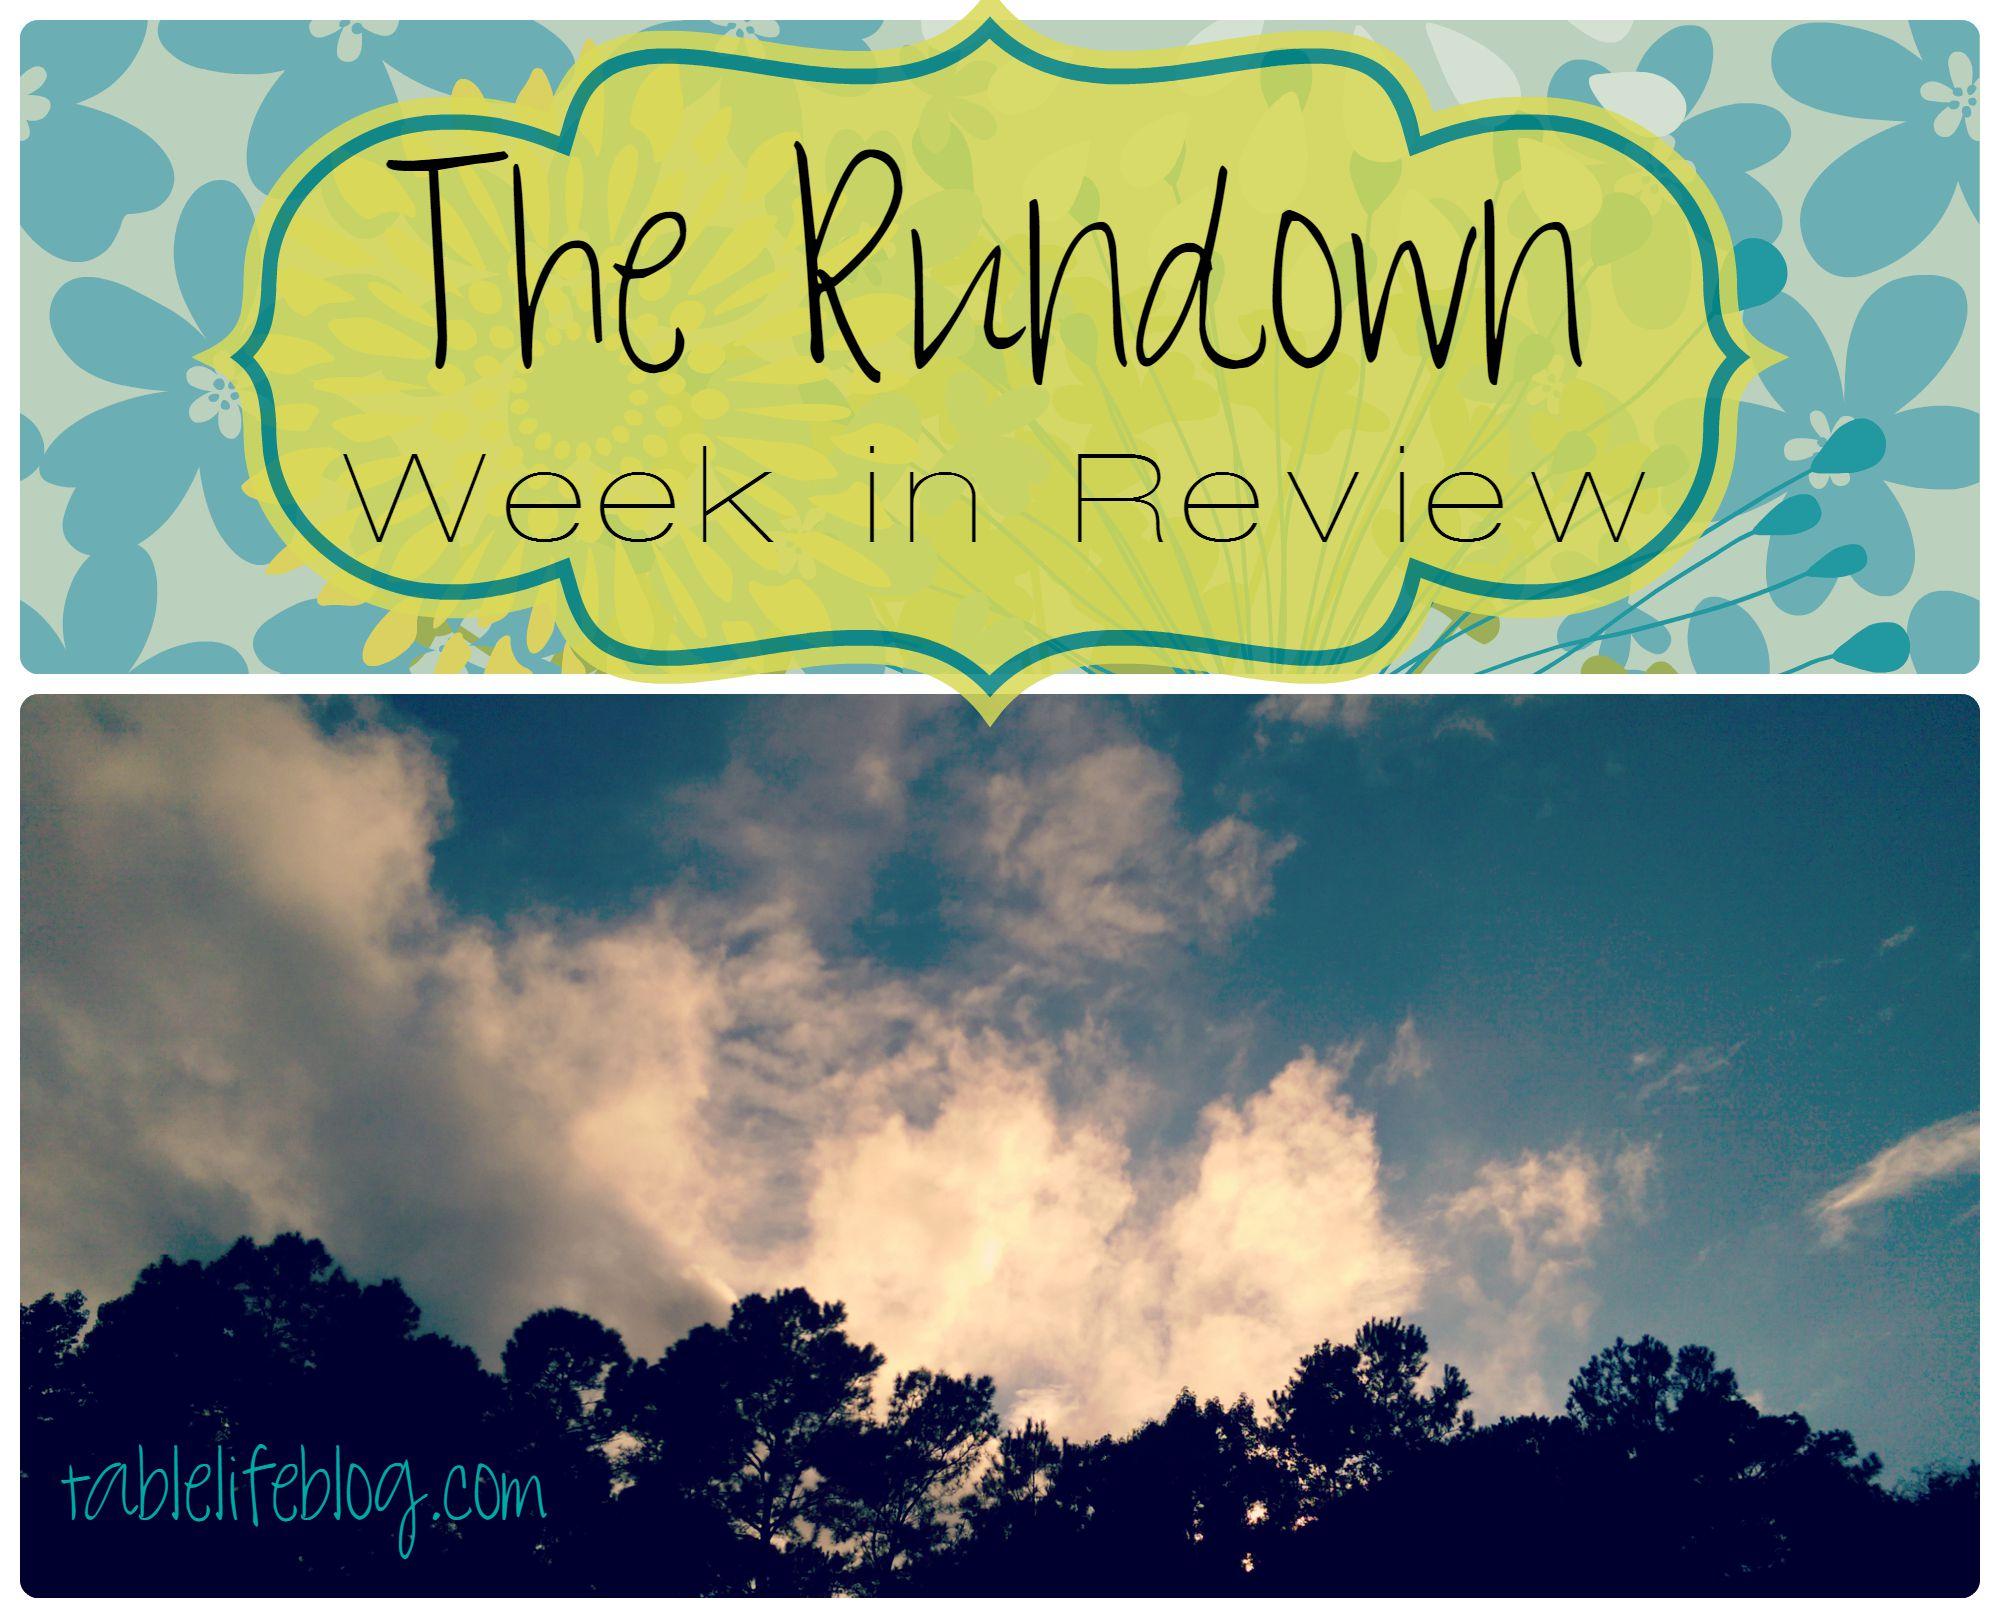 The Rundown - Week in Review - Week 3